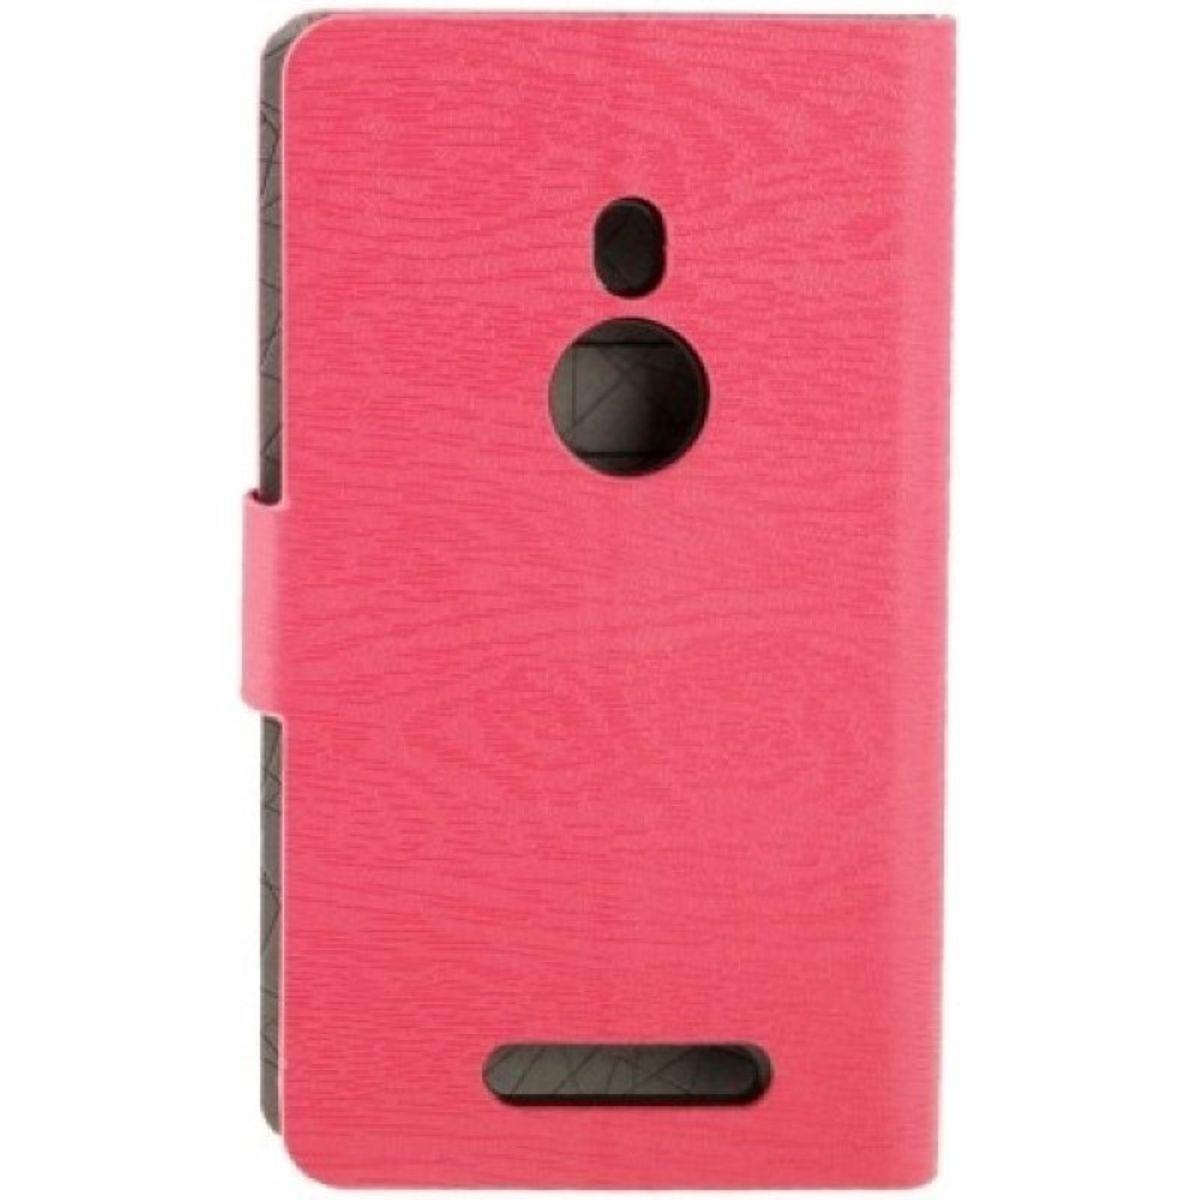 Schutzhülle Handytasche (Flip Quer) für Handy Nokia Lumia 925